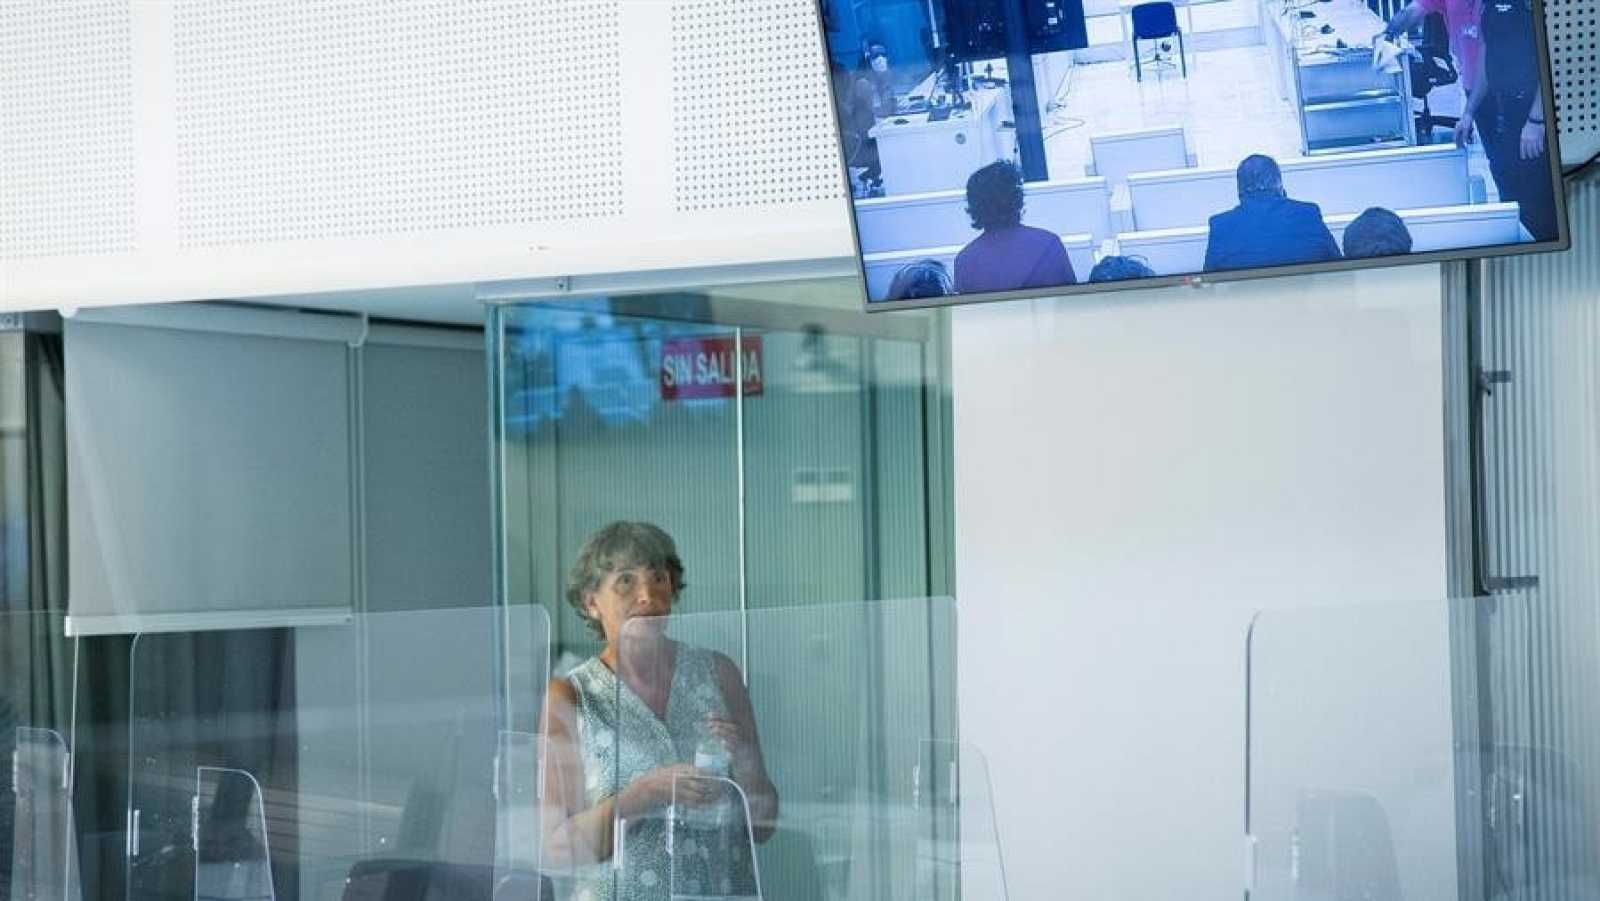 La histórica dirigente etarra Soledad Iparraguire, Anboto, durante el juicio en su contra celebrado en la Audiencia Nacional en Madrid